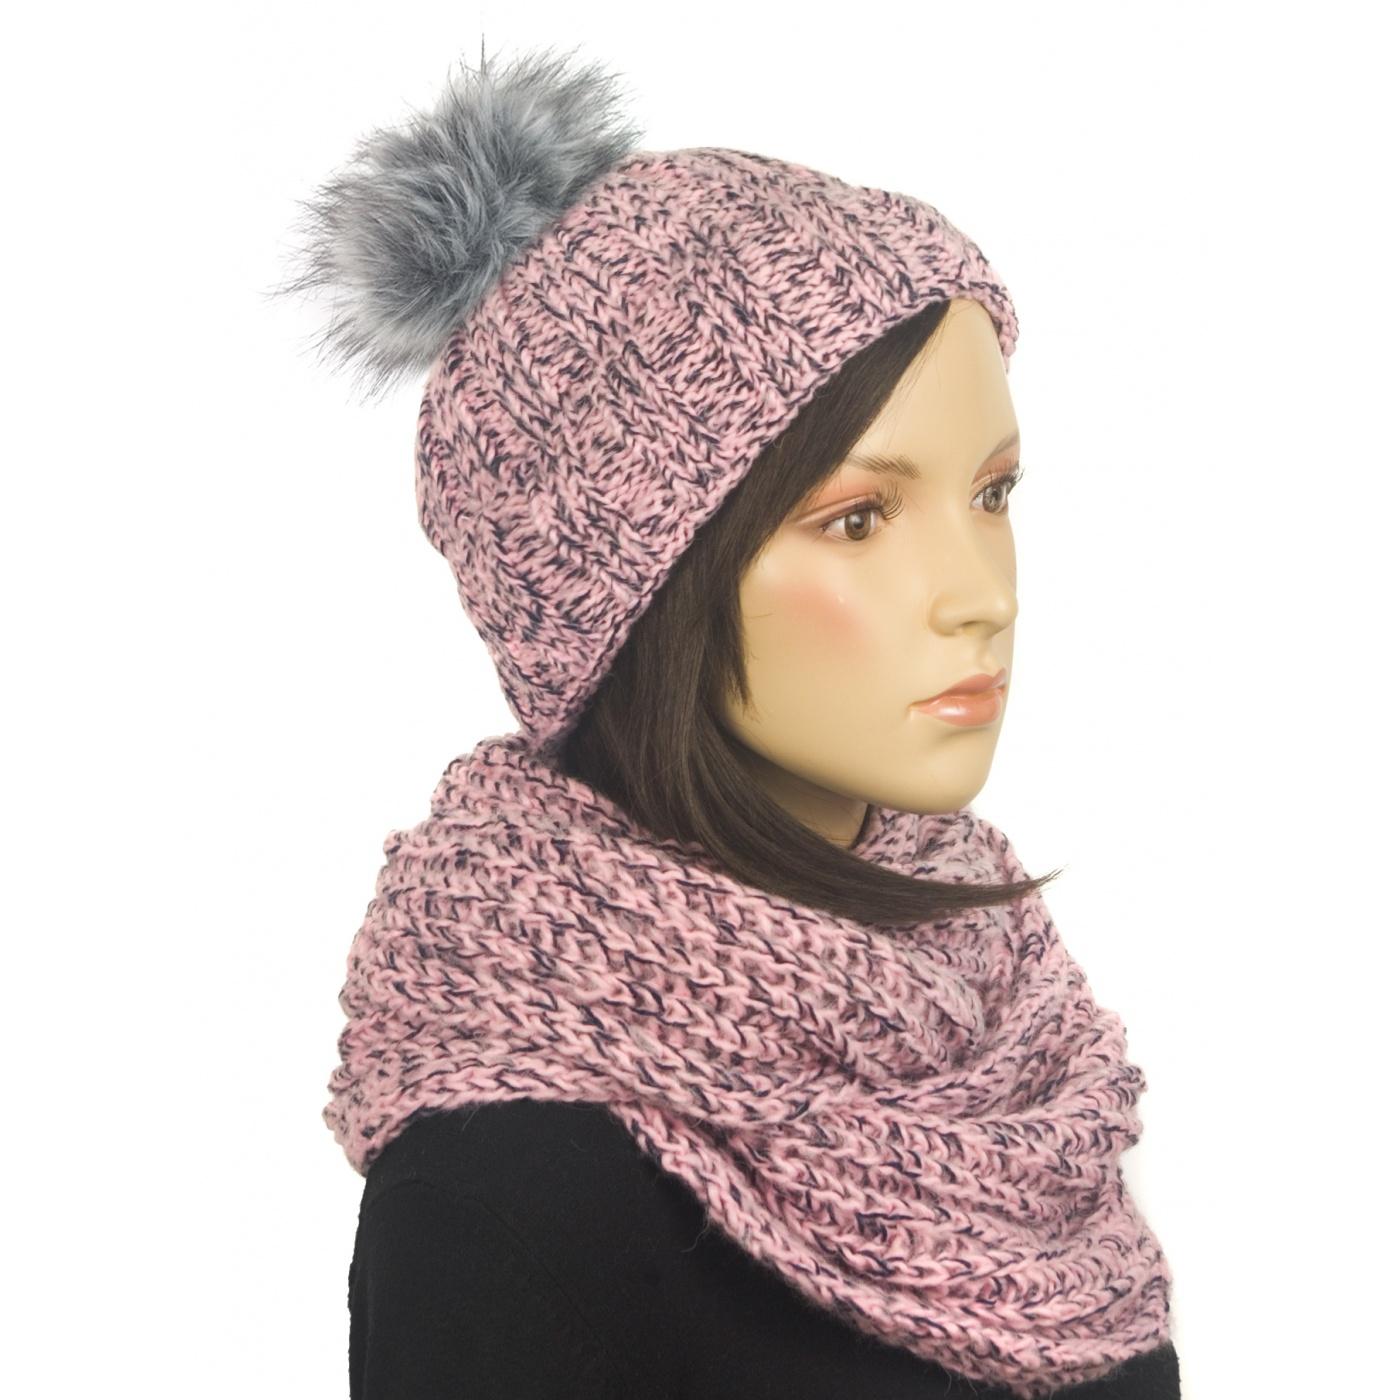 Komplet zimowy damski czapka z wywinięciem i szalik komin - różowo-czarny